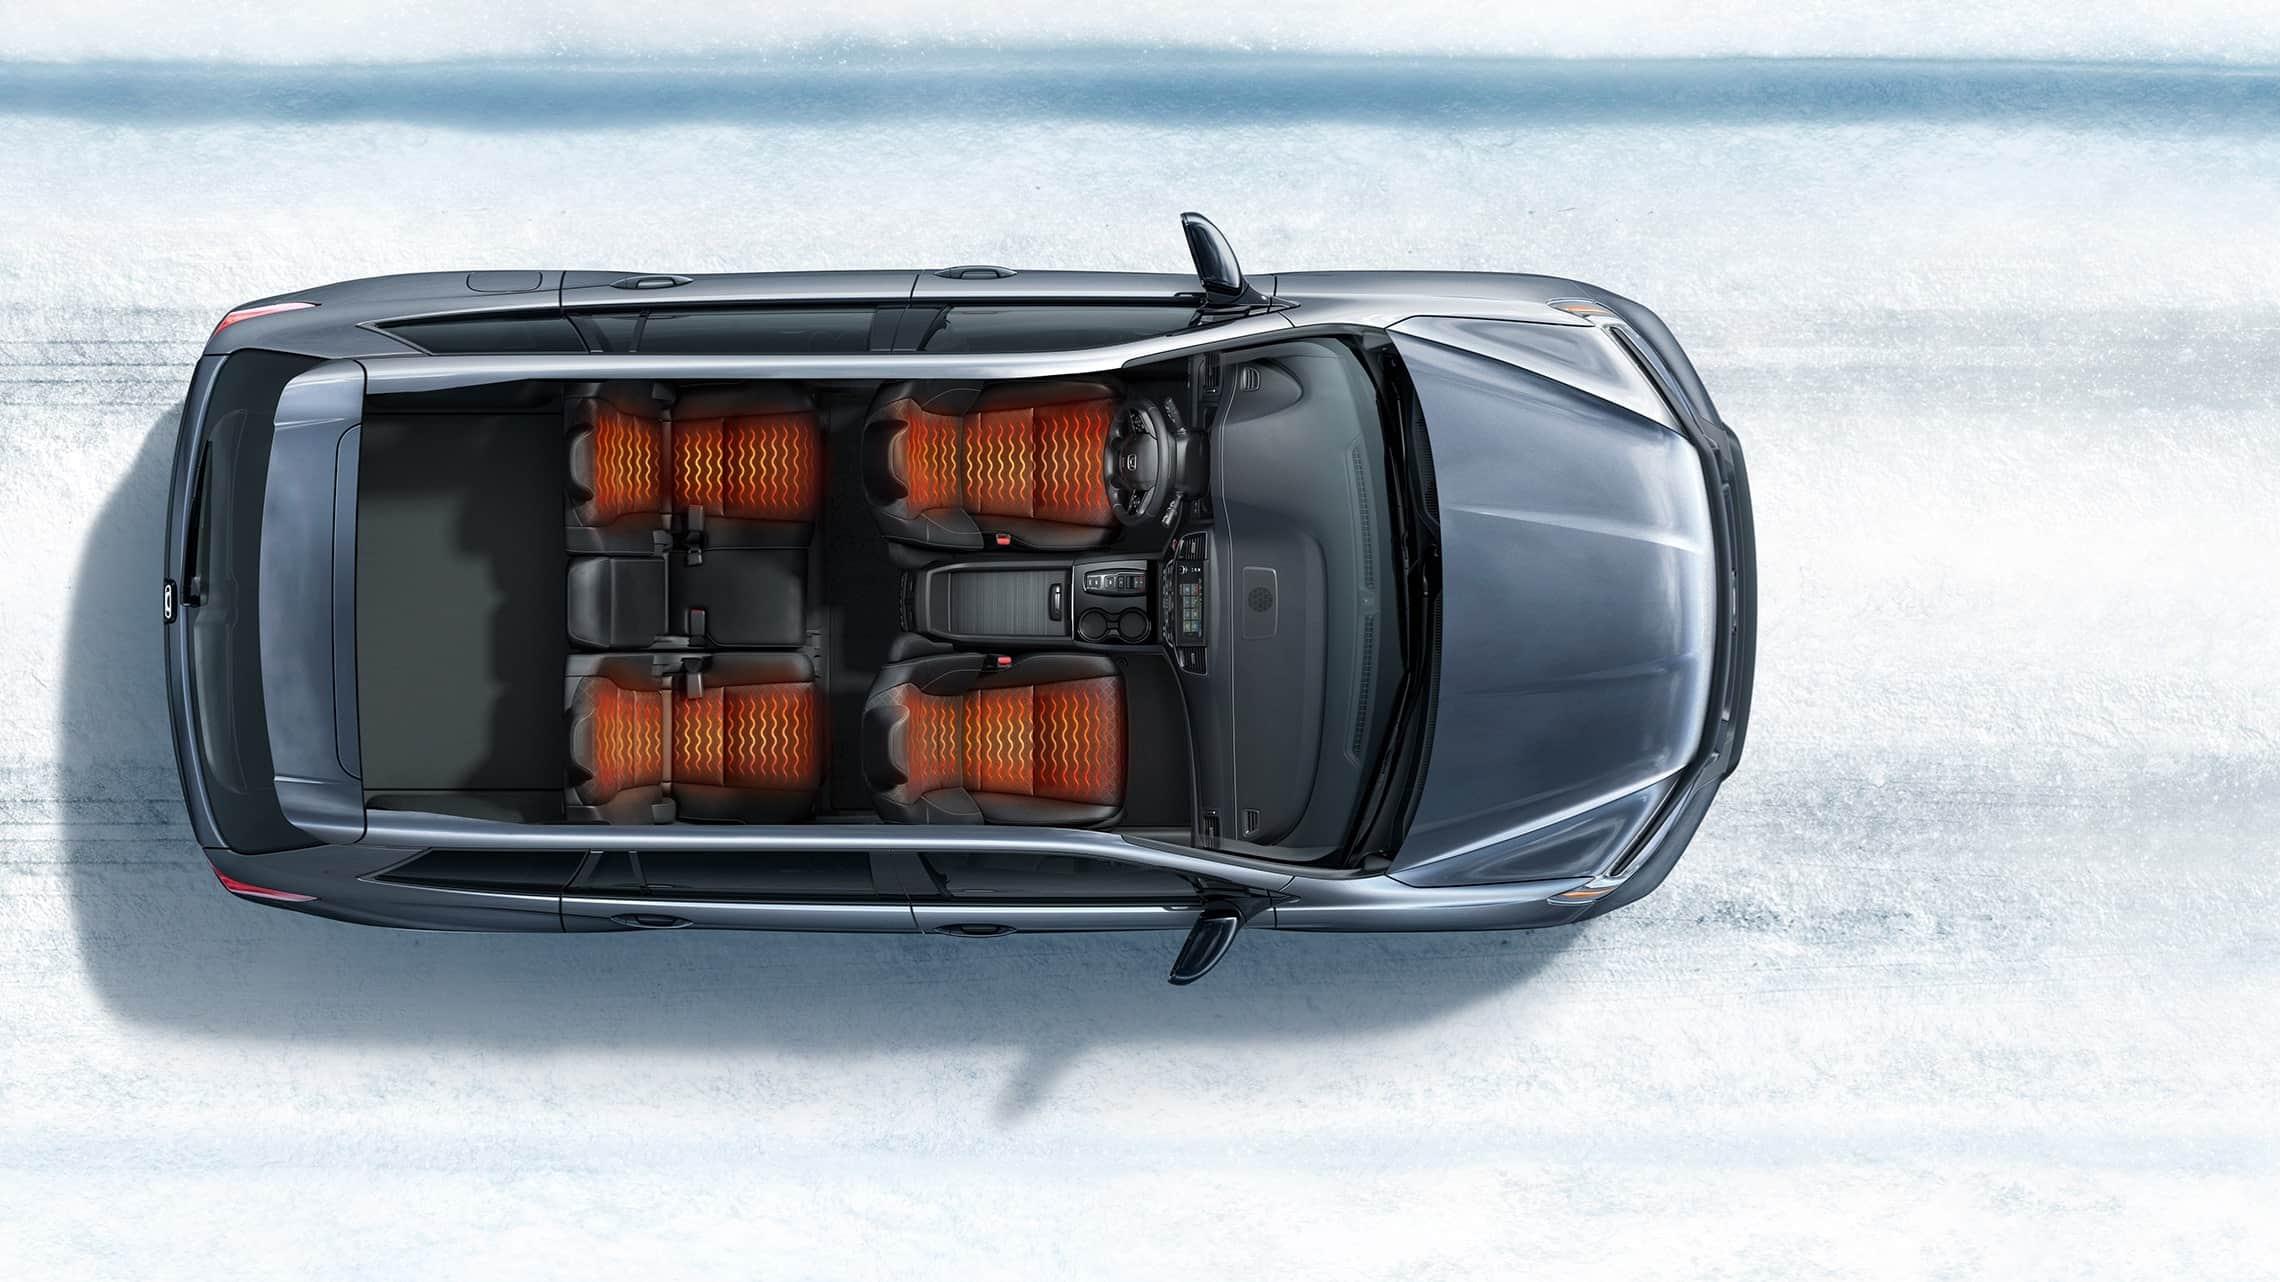 Vista aérea de la Honda Passport Elite2019 que muestra asientos calefaccionados en un entorno de caminos nevados.